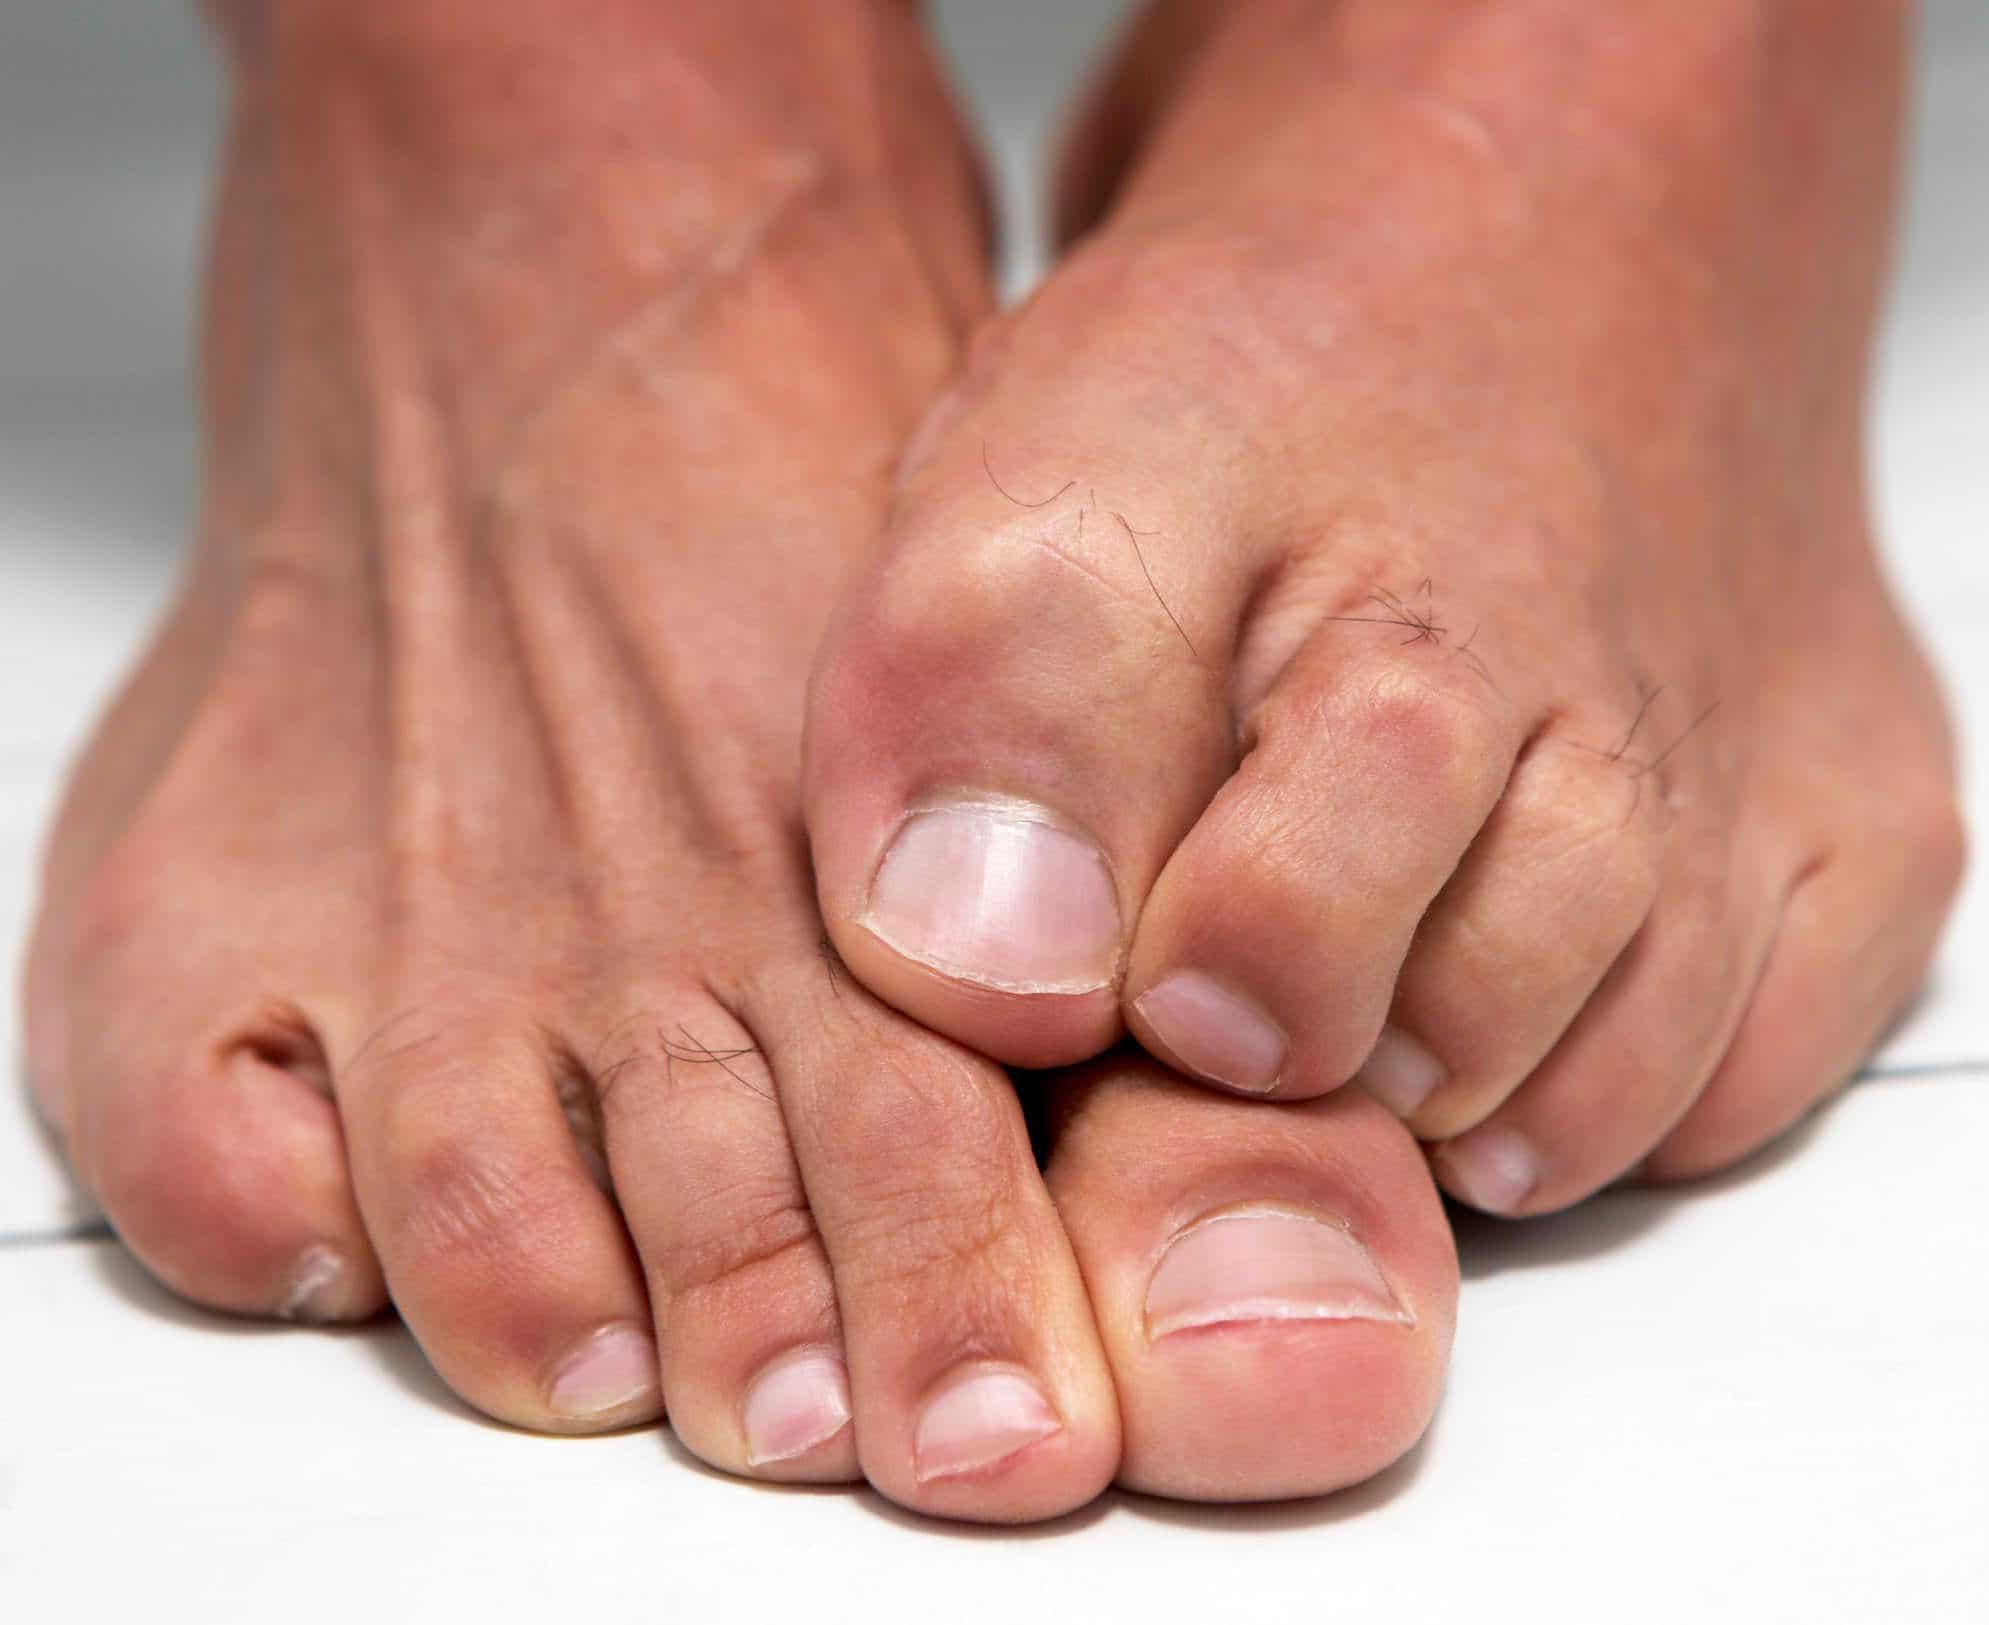 come curare i funghi sotto le unghie dei piedi